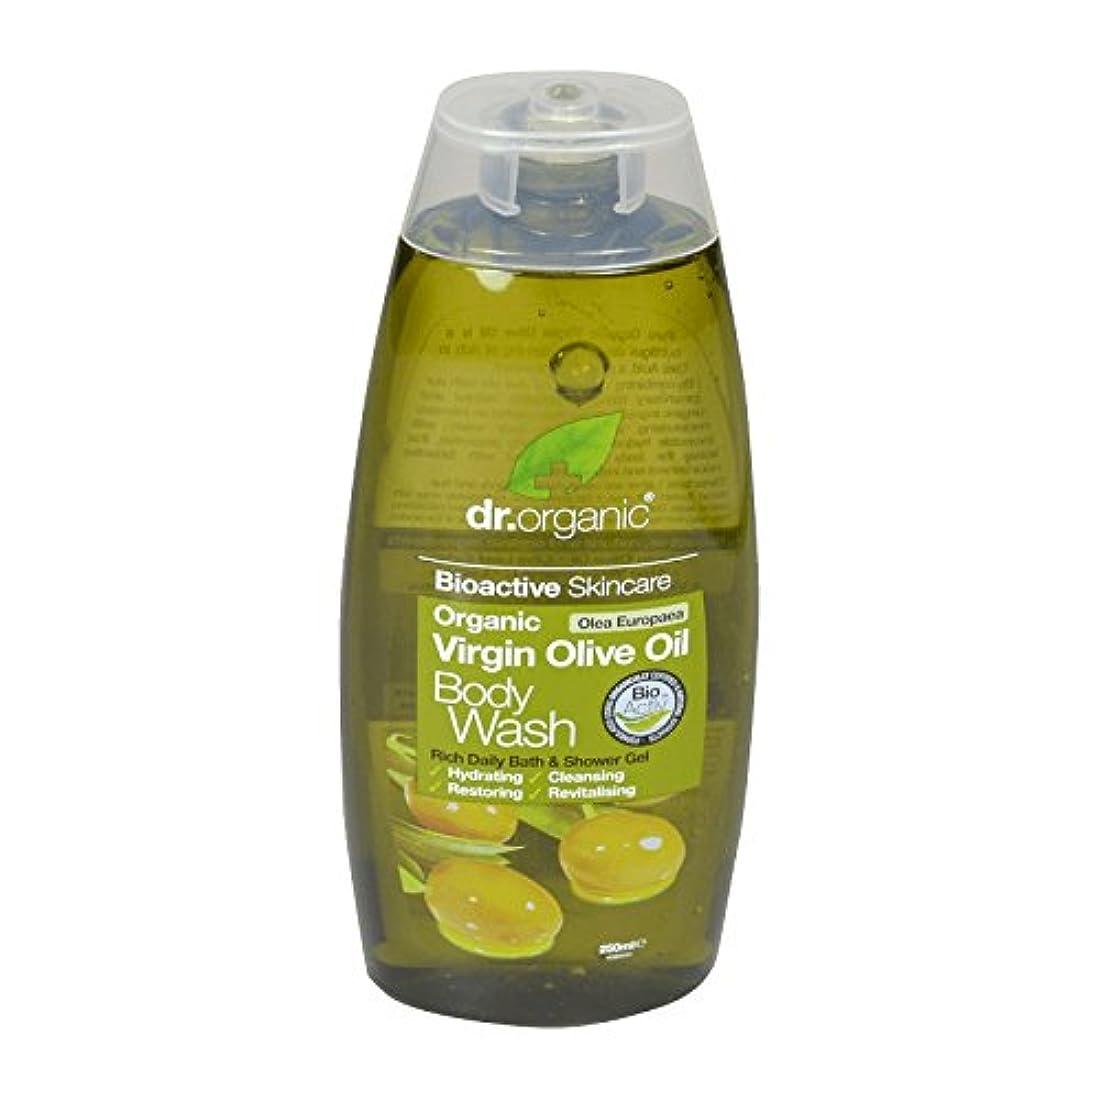 曲げるフルーツ野菜どっちDr Organic Virgin Olive Oil Body Wash (Pack of 2) - Dr有機バージンオリーブオイルボディウォッシュ (x2) [並行輸入品]